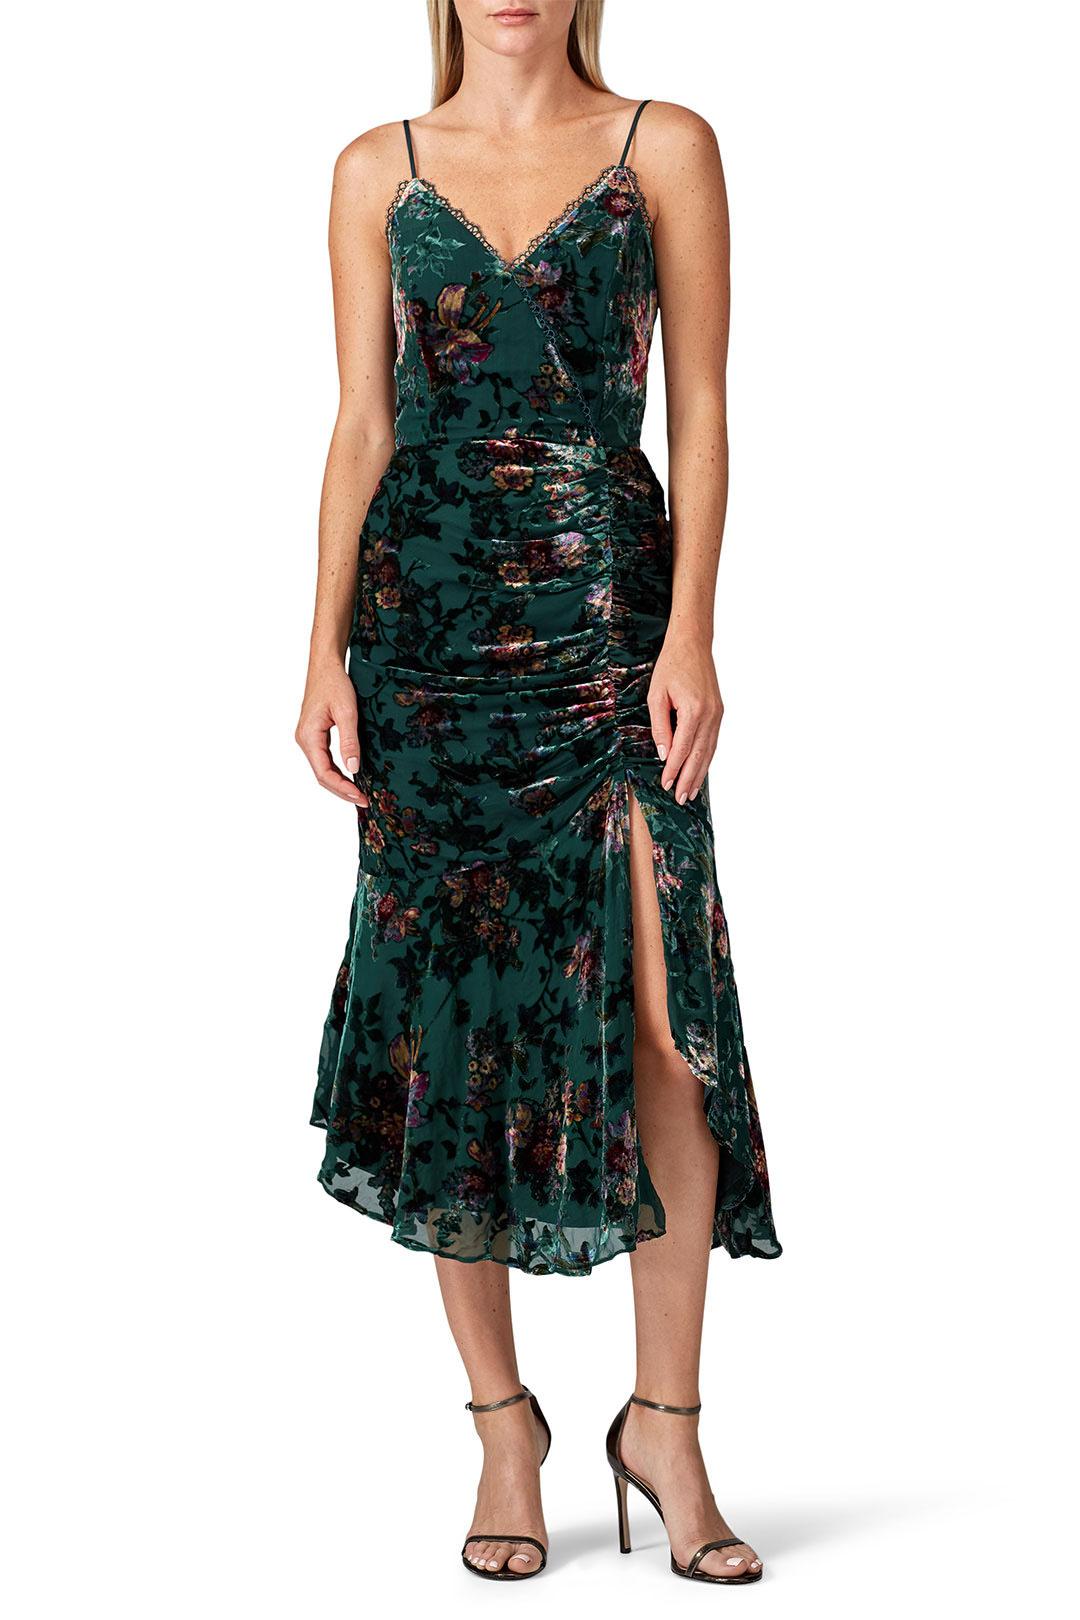 Harlyn - Velvet High Low Dress